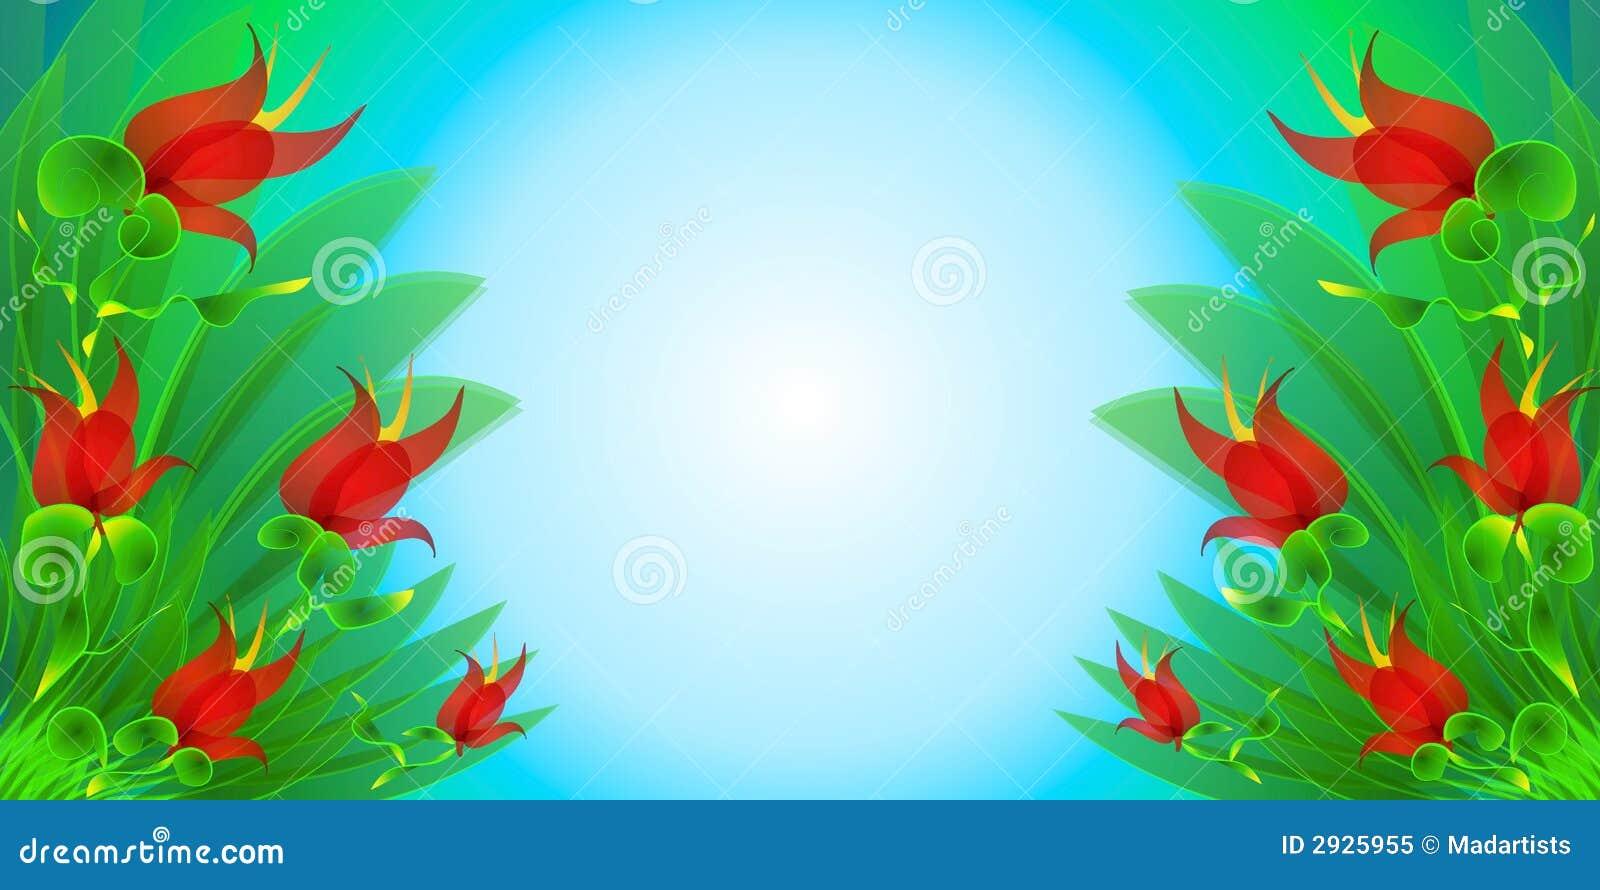 flores coloridas jardim:jardim de flor com as flores vermelhas brilhantes, as folhas coloridas